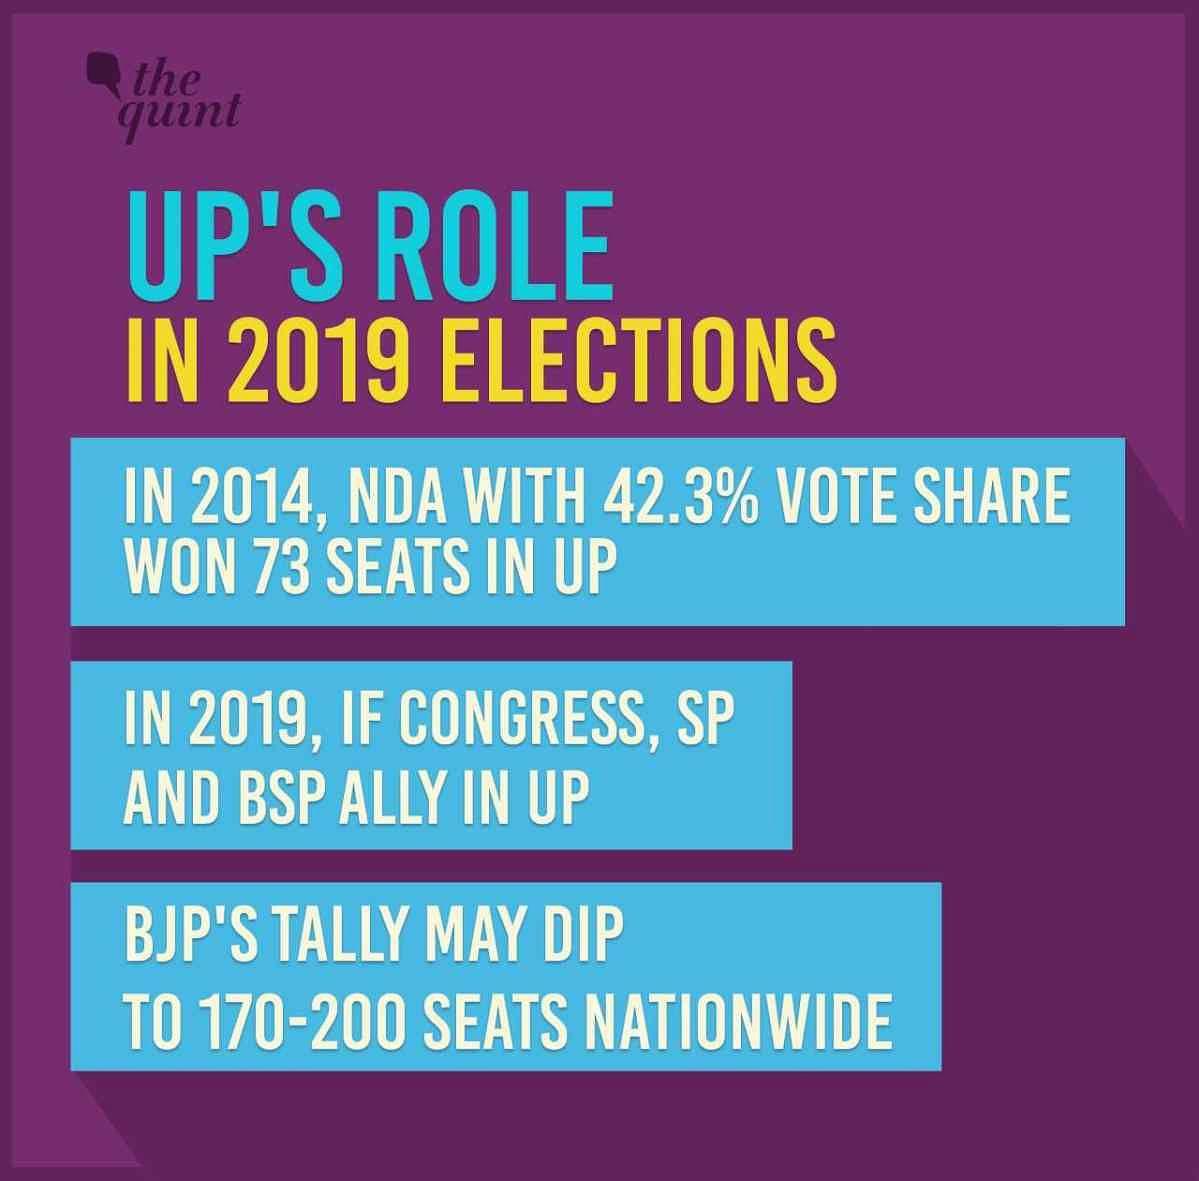 चुनावी आंकड़ों का ये अंकगणित भले ही पक्का हो, लेकिन मायावती का रुख पक्का नहीं है